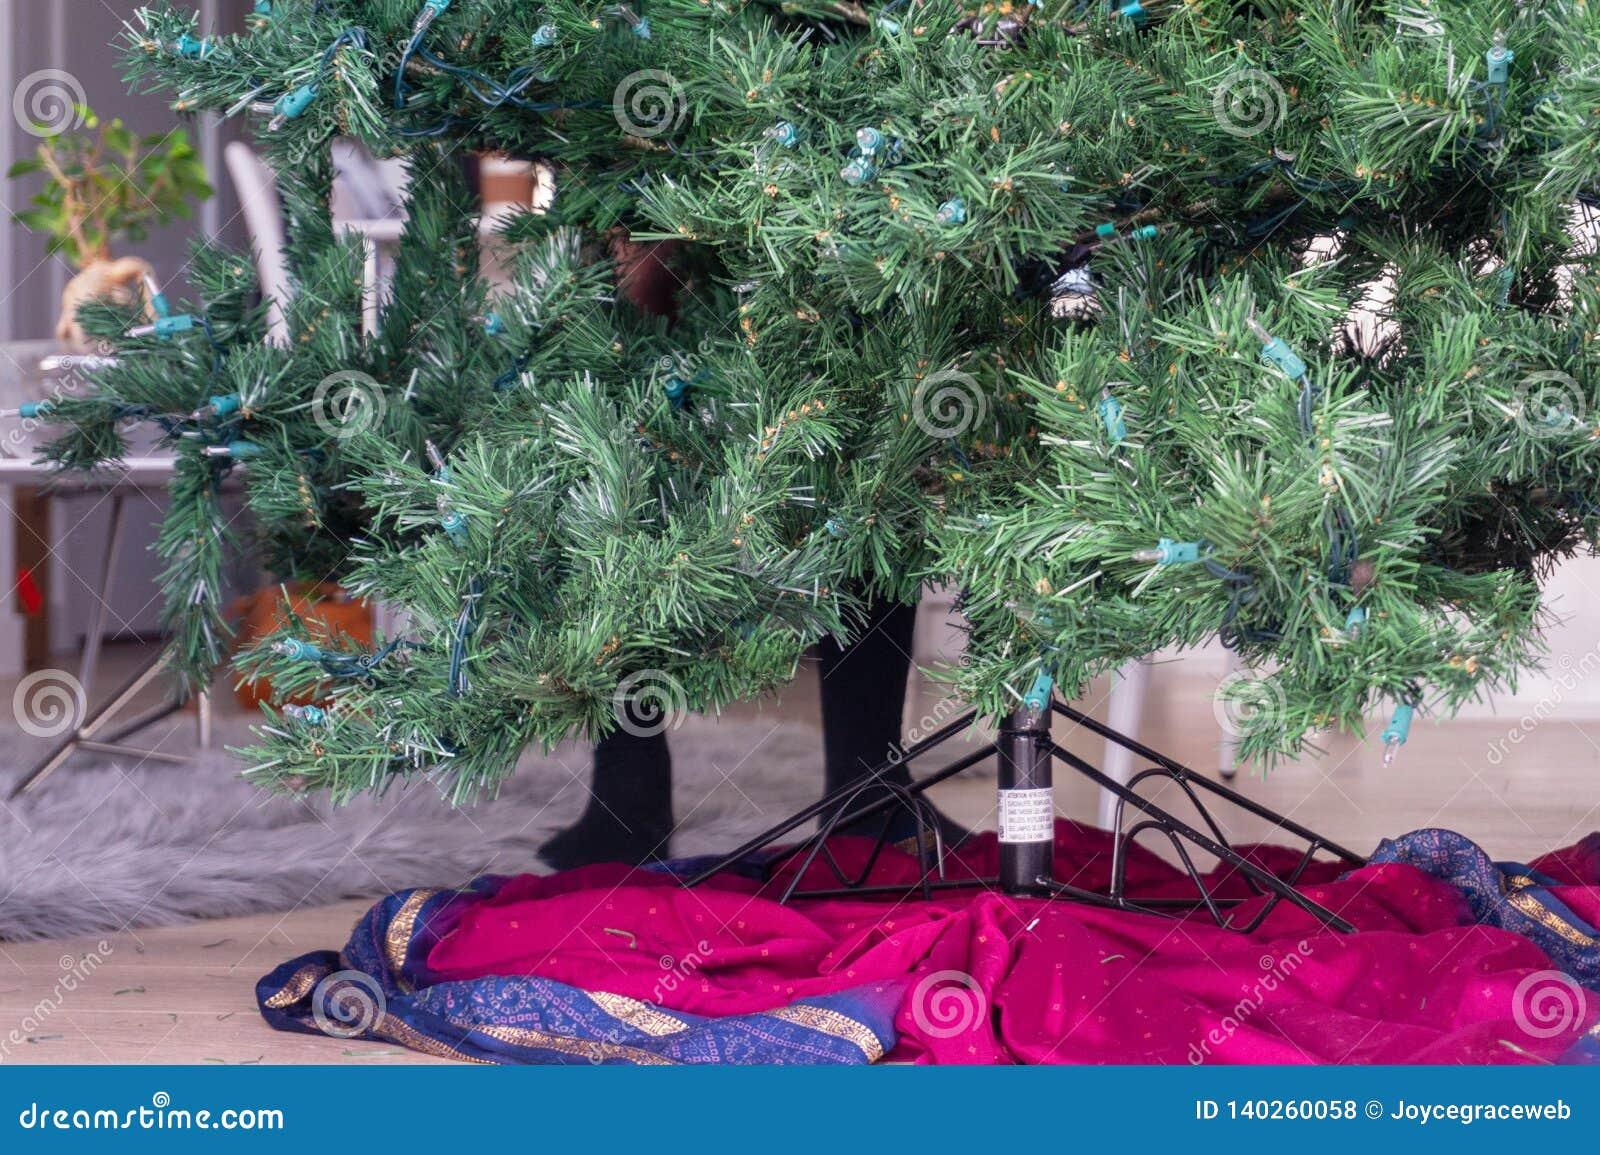 Voeten achter een kunstmatige Kerstboom